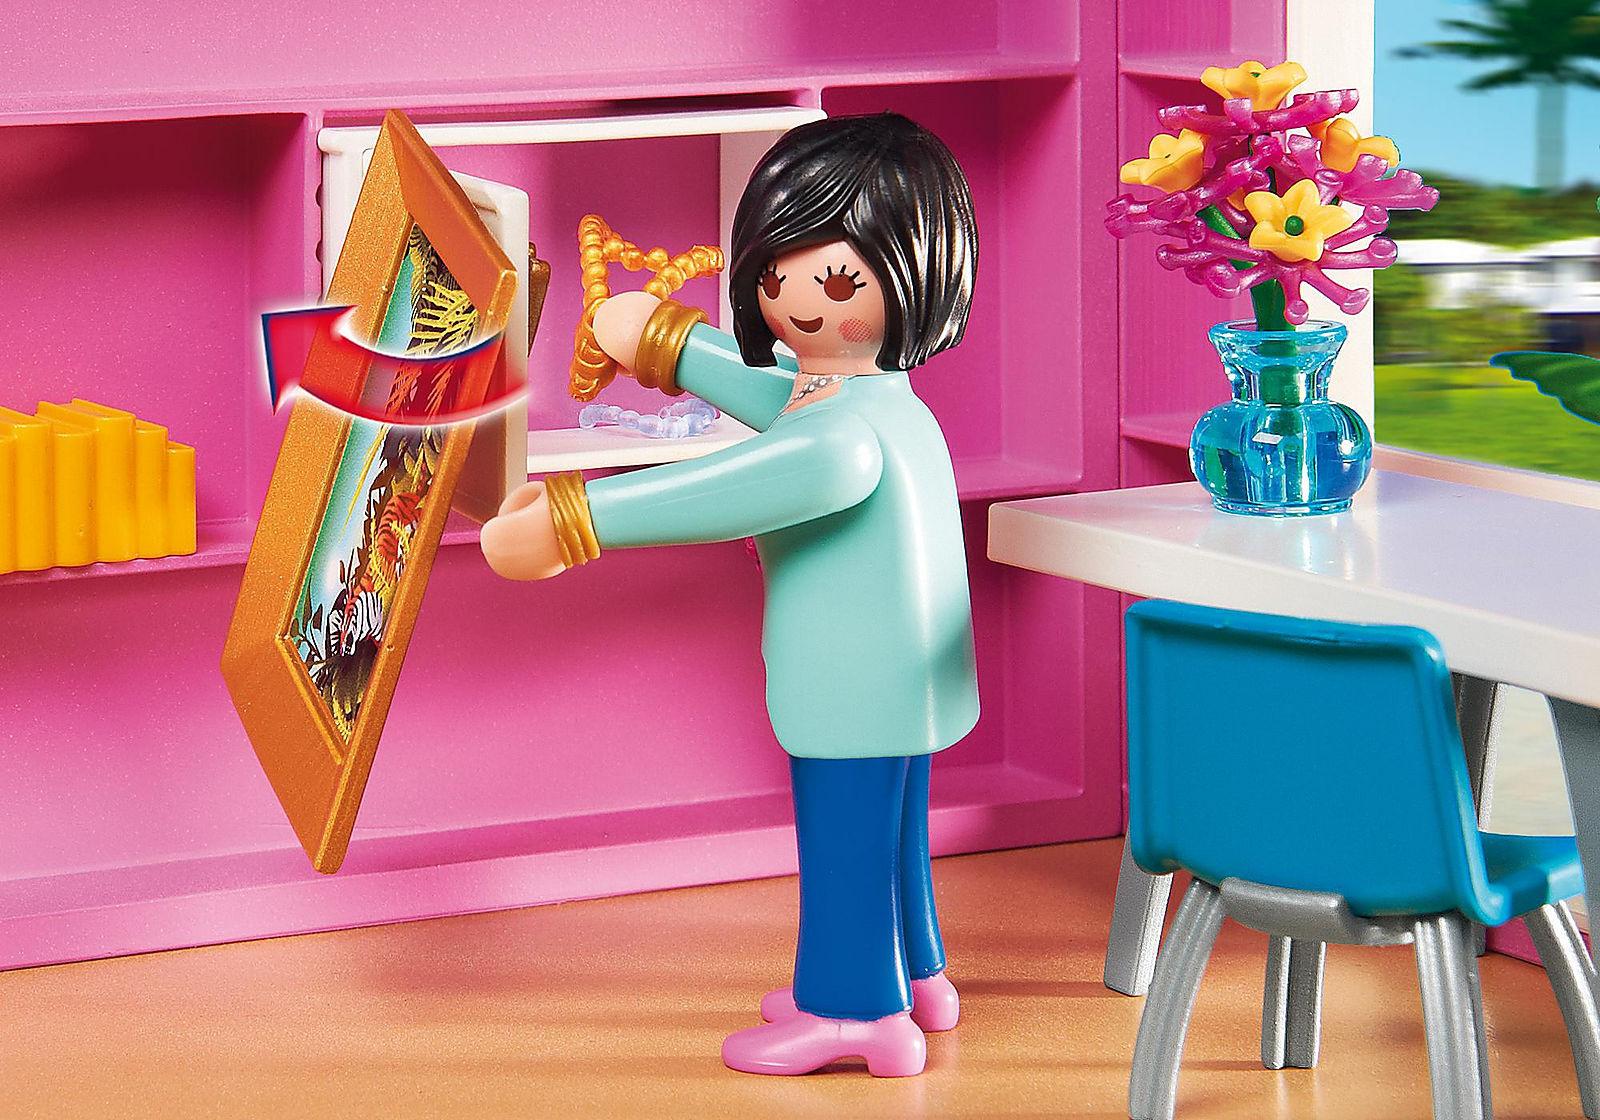 Maison moderne playmobil- une place en sécurité pour votre objets de valeur.